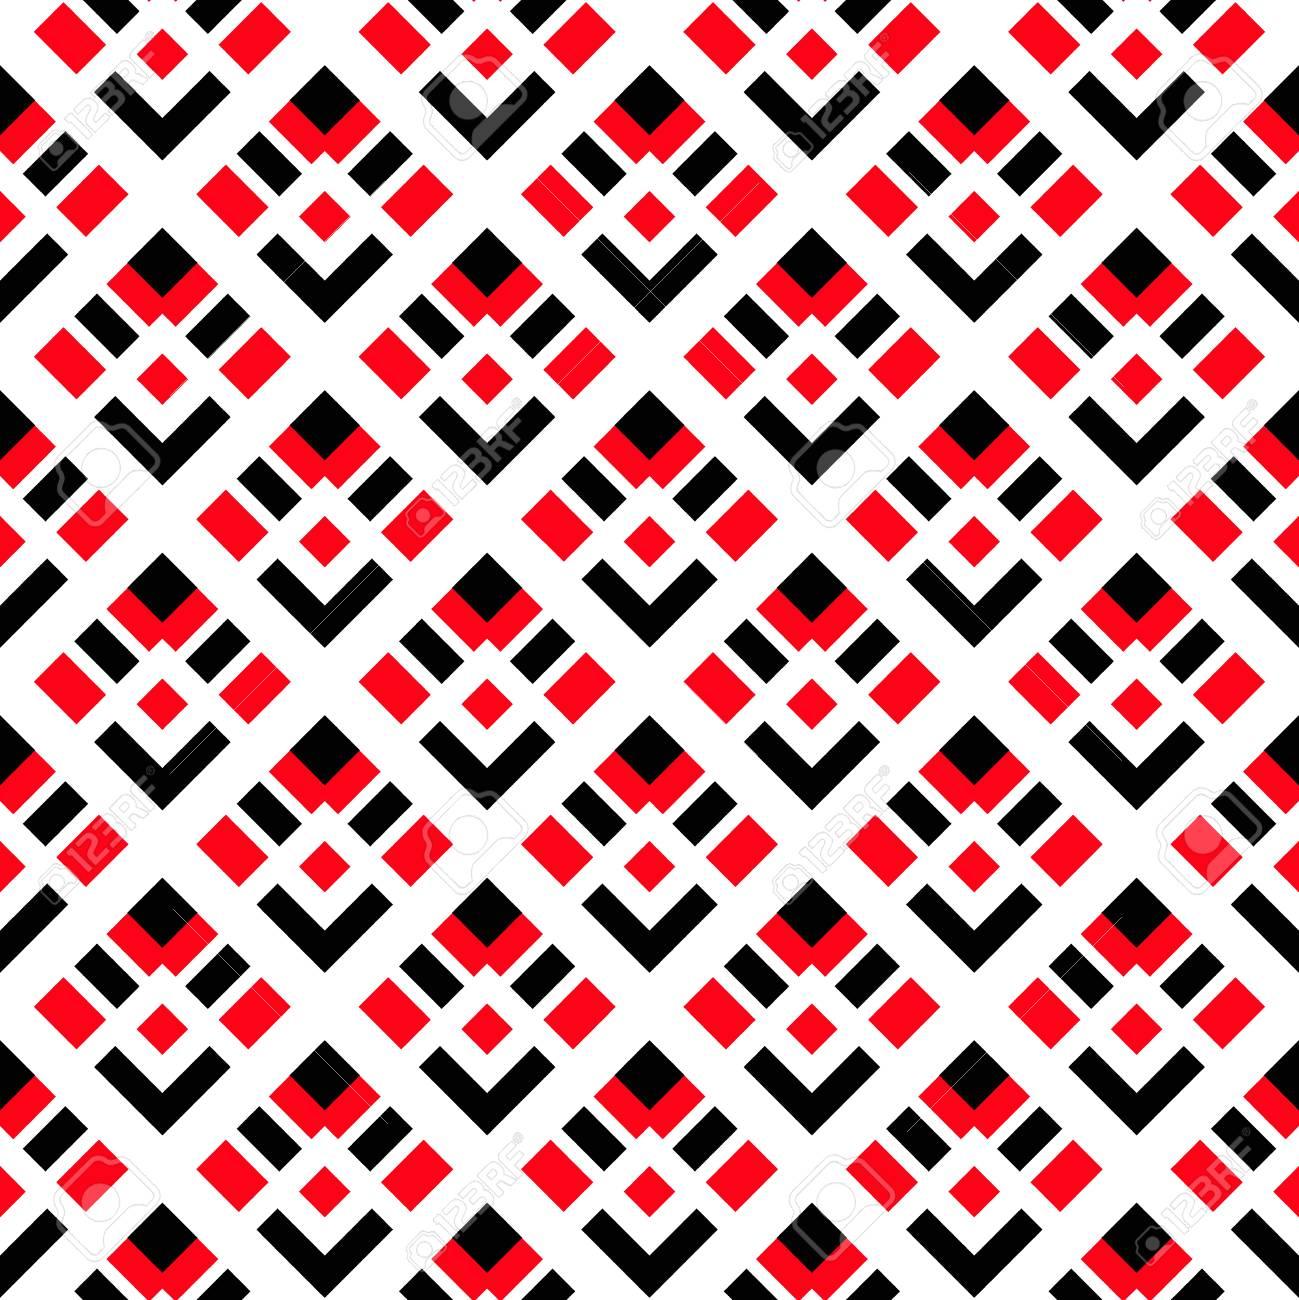 Vecteur De Fond Motif Geometrique Noir Losange Rouge Sur Fond Blanc Motif Decoratif Pour Le Papier Peint Les Meubles La Decoration Le Tissu De